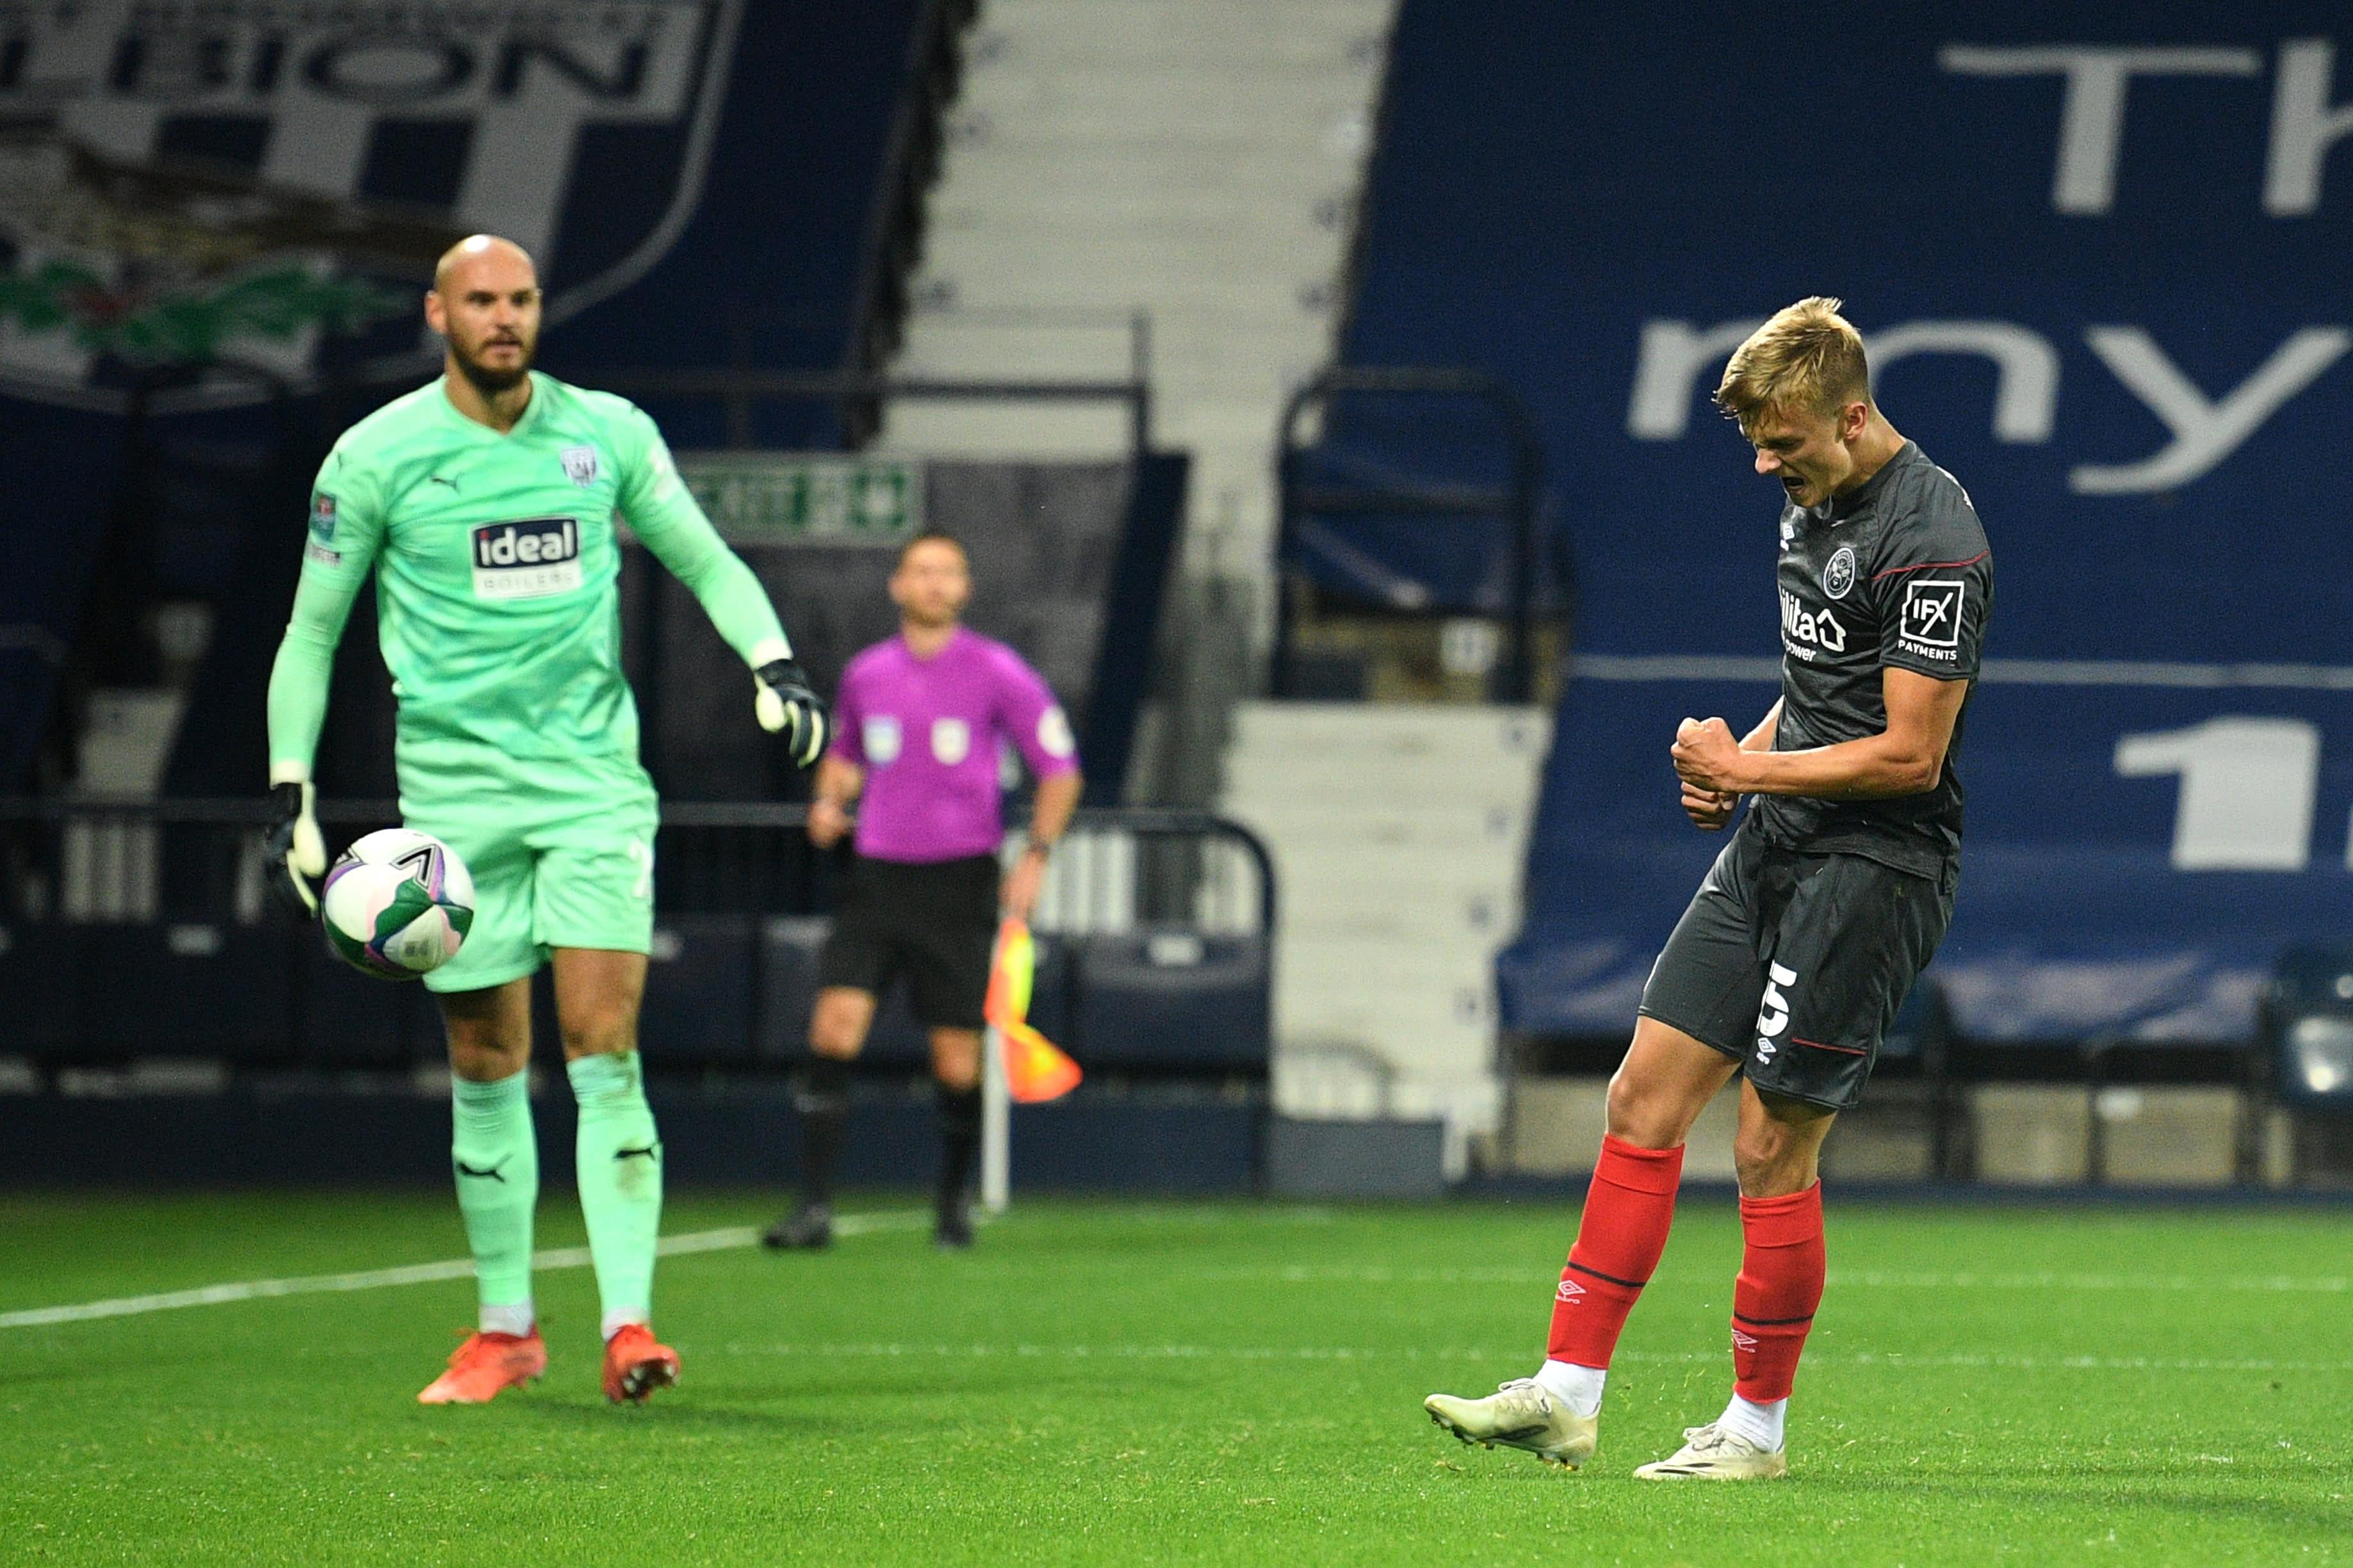 Marcus Forss juhlii 2-2-tasoitusta liigacupin 3. kierroksella West Bromwichin verkkoon.